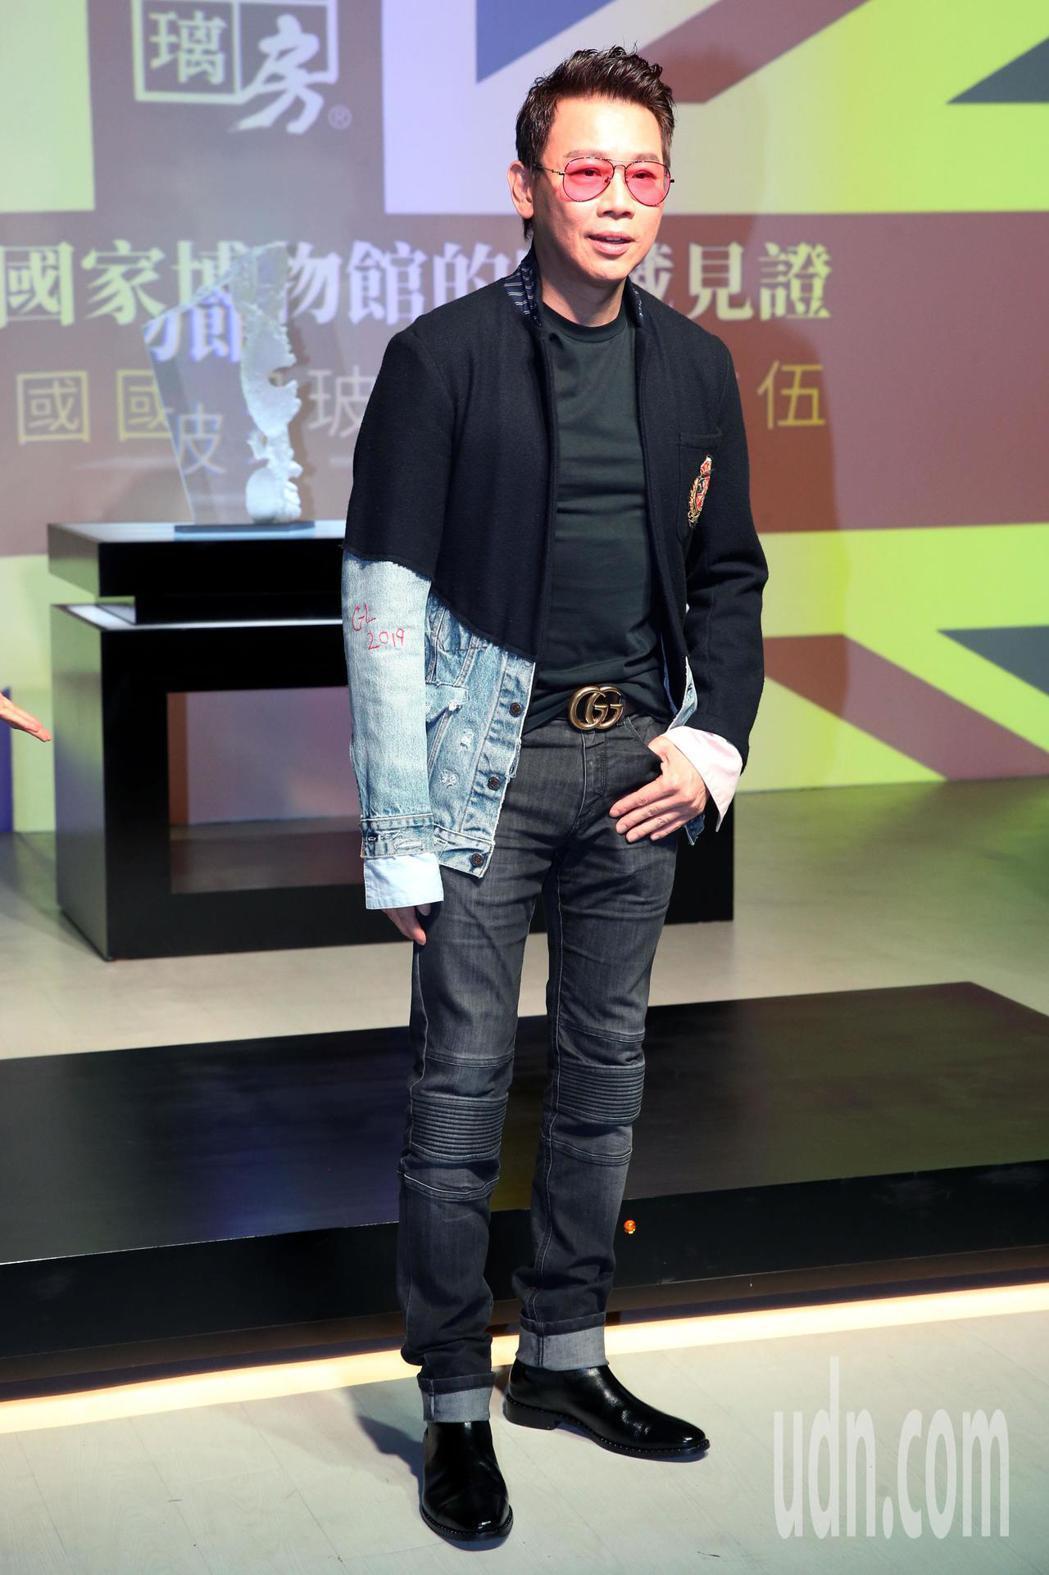 琉璃工房東西方窯鑄玻璃大師展覽,特別來賓陶喆現身 。記者林俊良/攝影